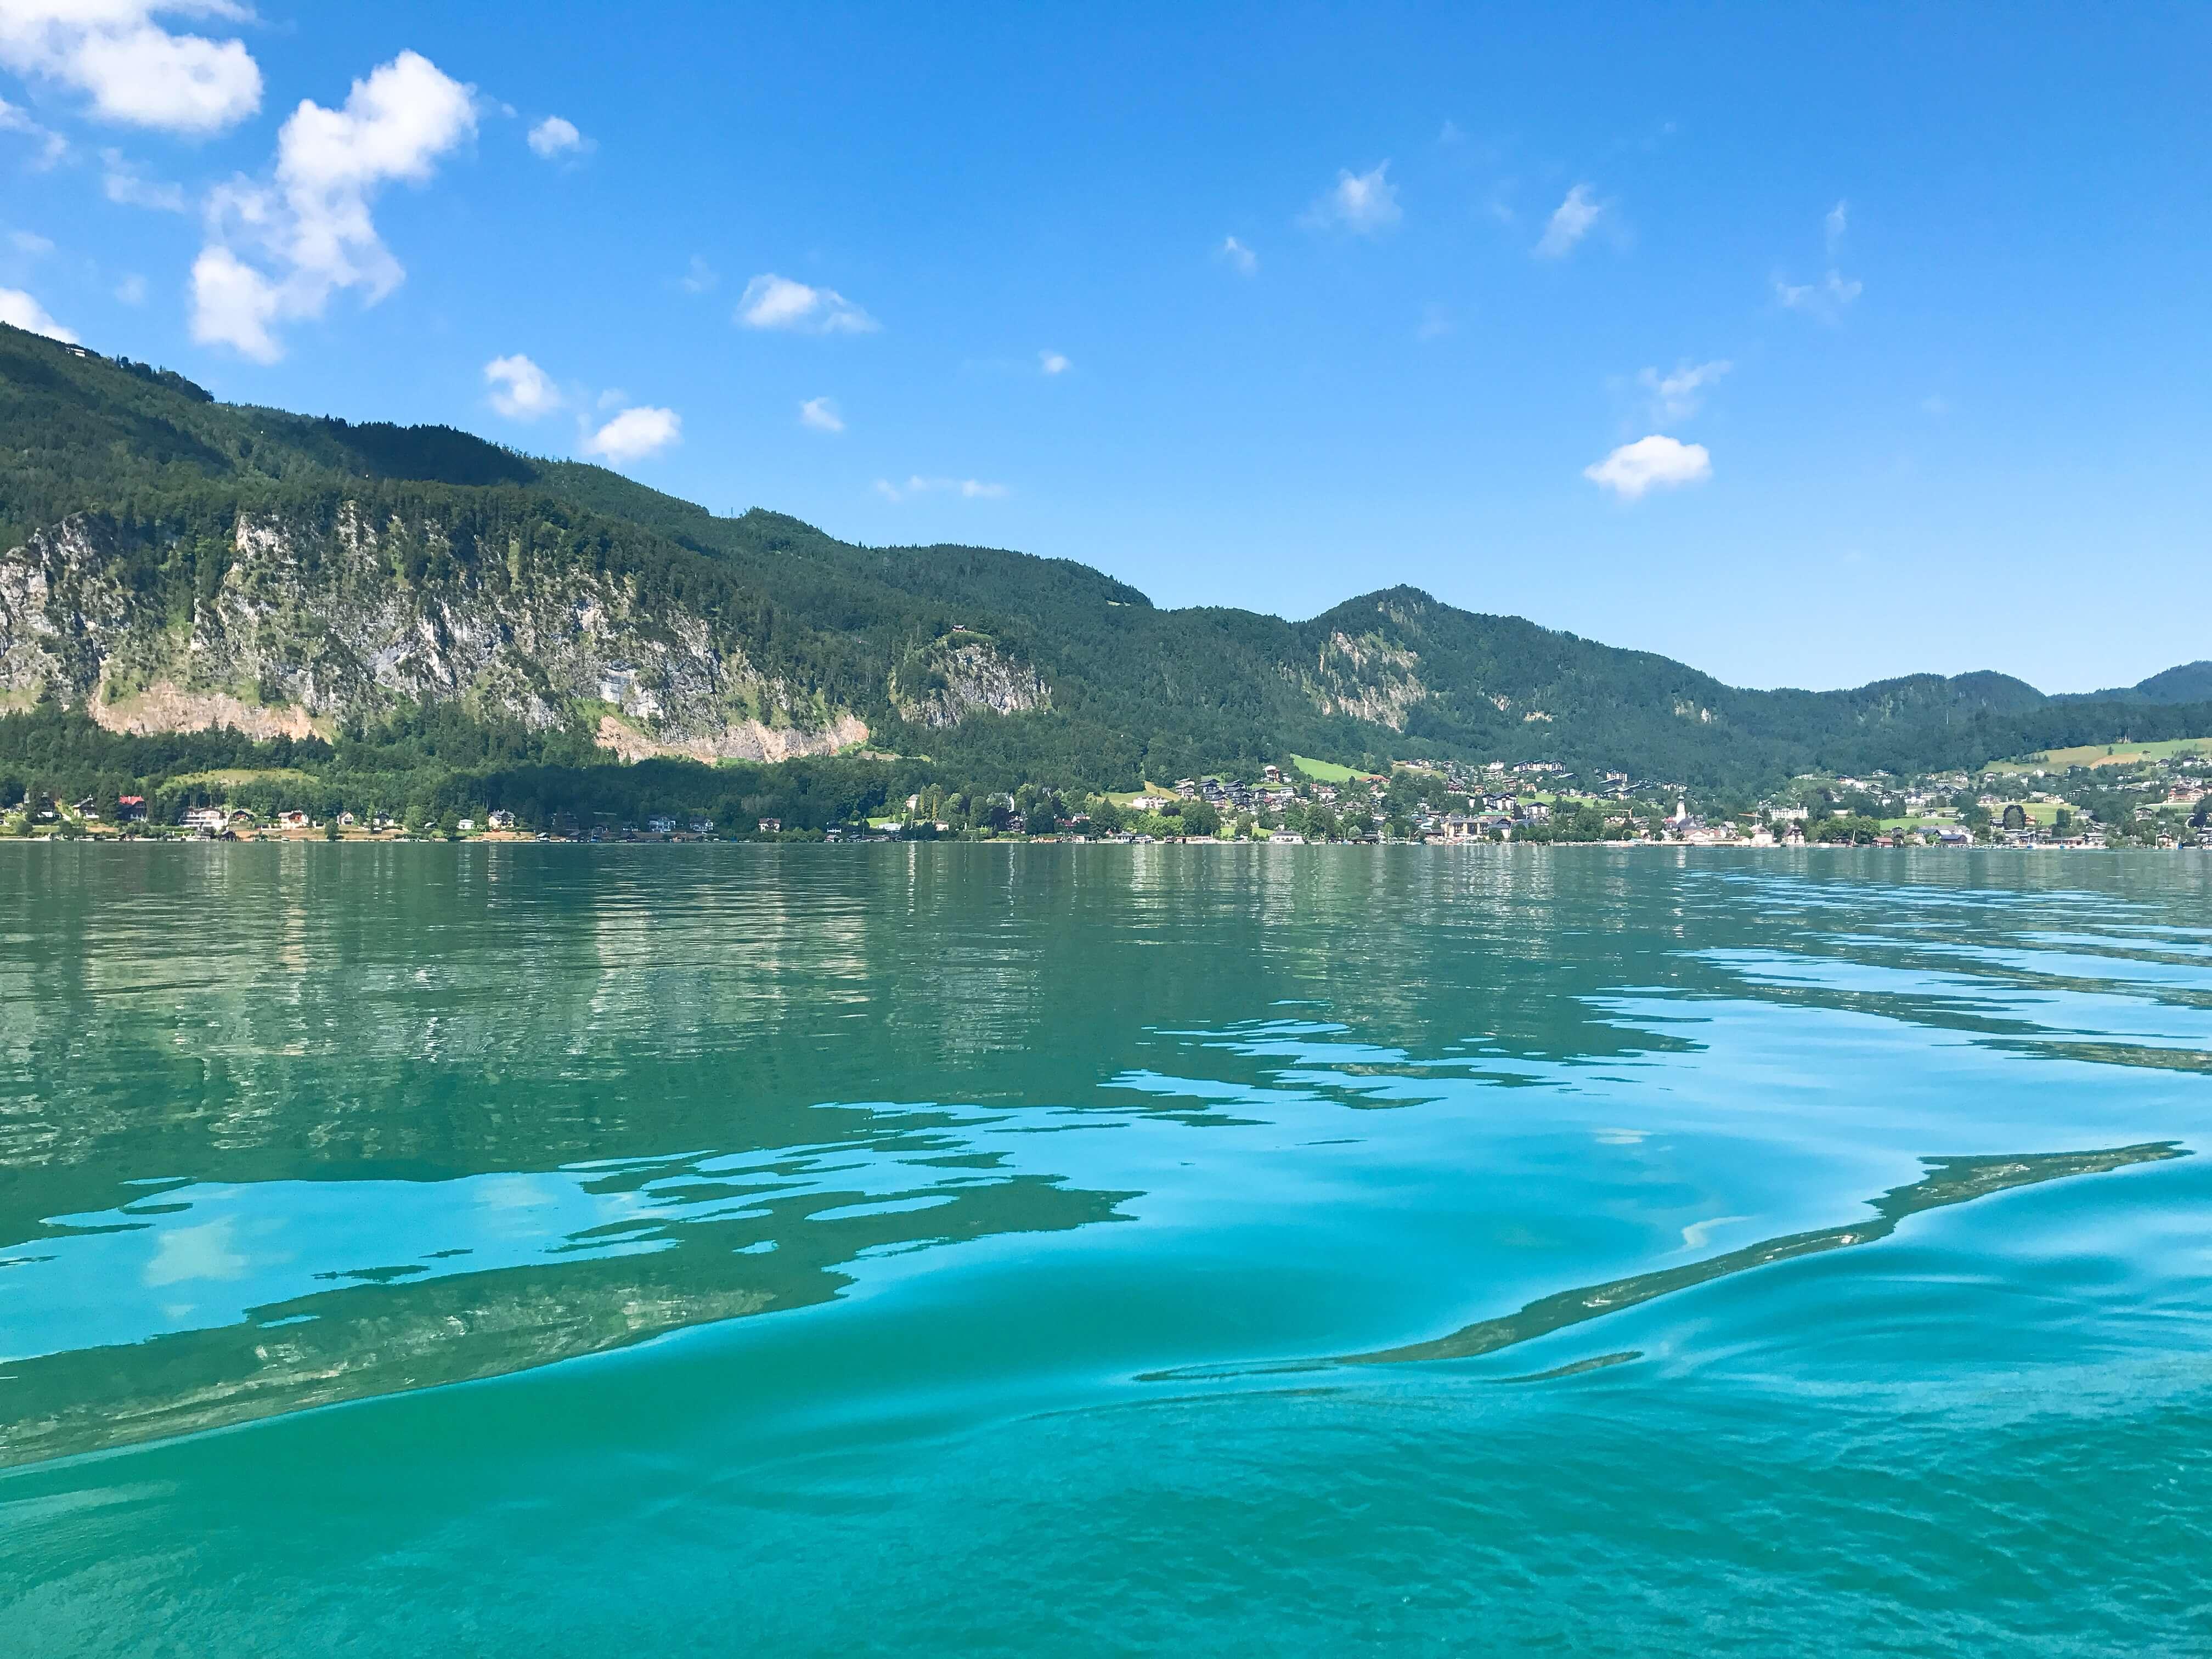 湖光山色加上藍天白雲,遊過沃夫岡湖真的此生無憾。hotographer / Penny